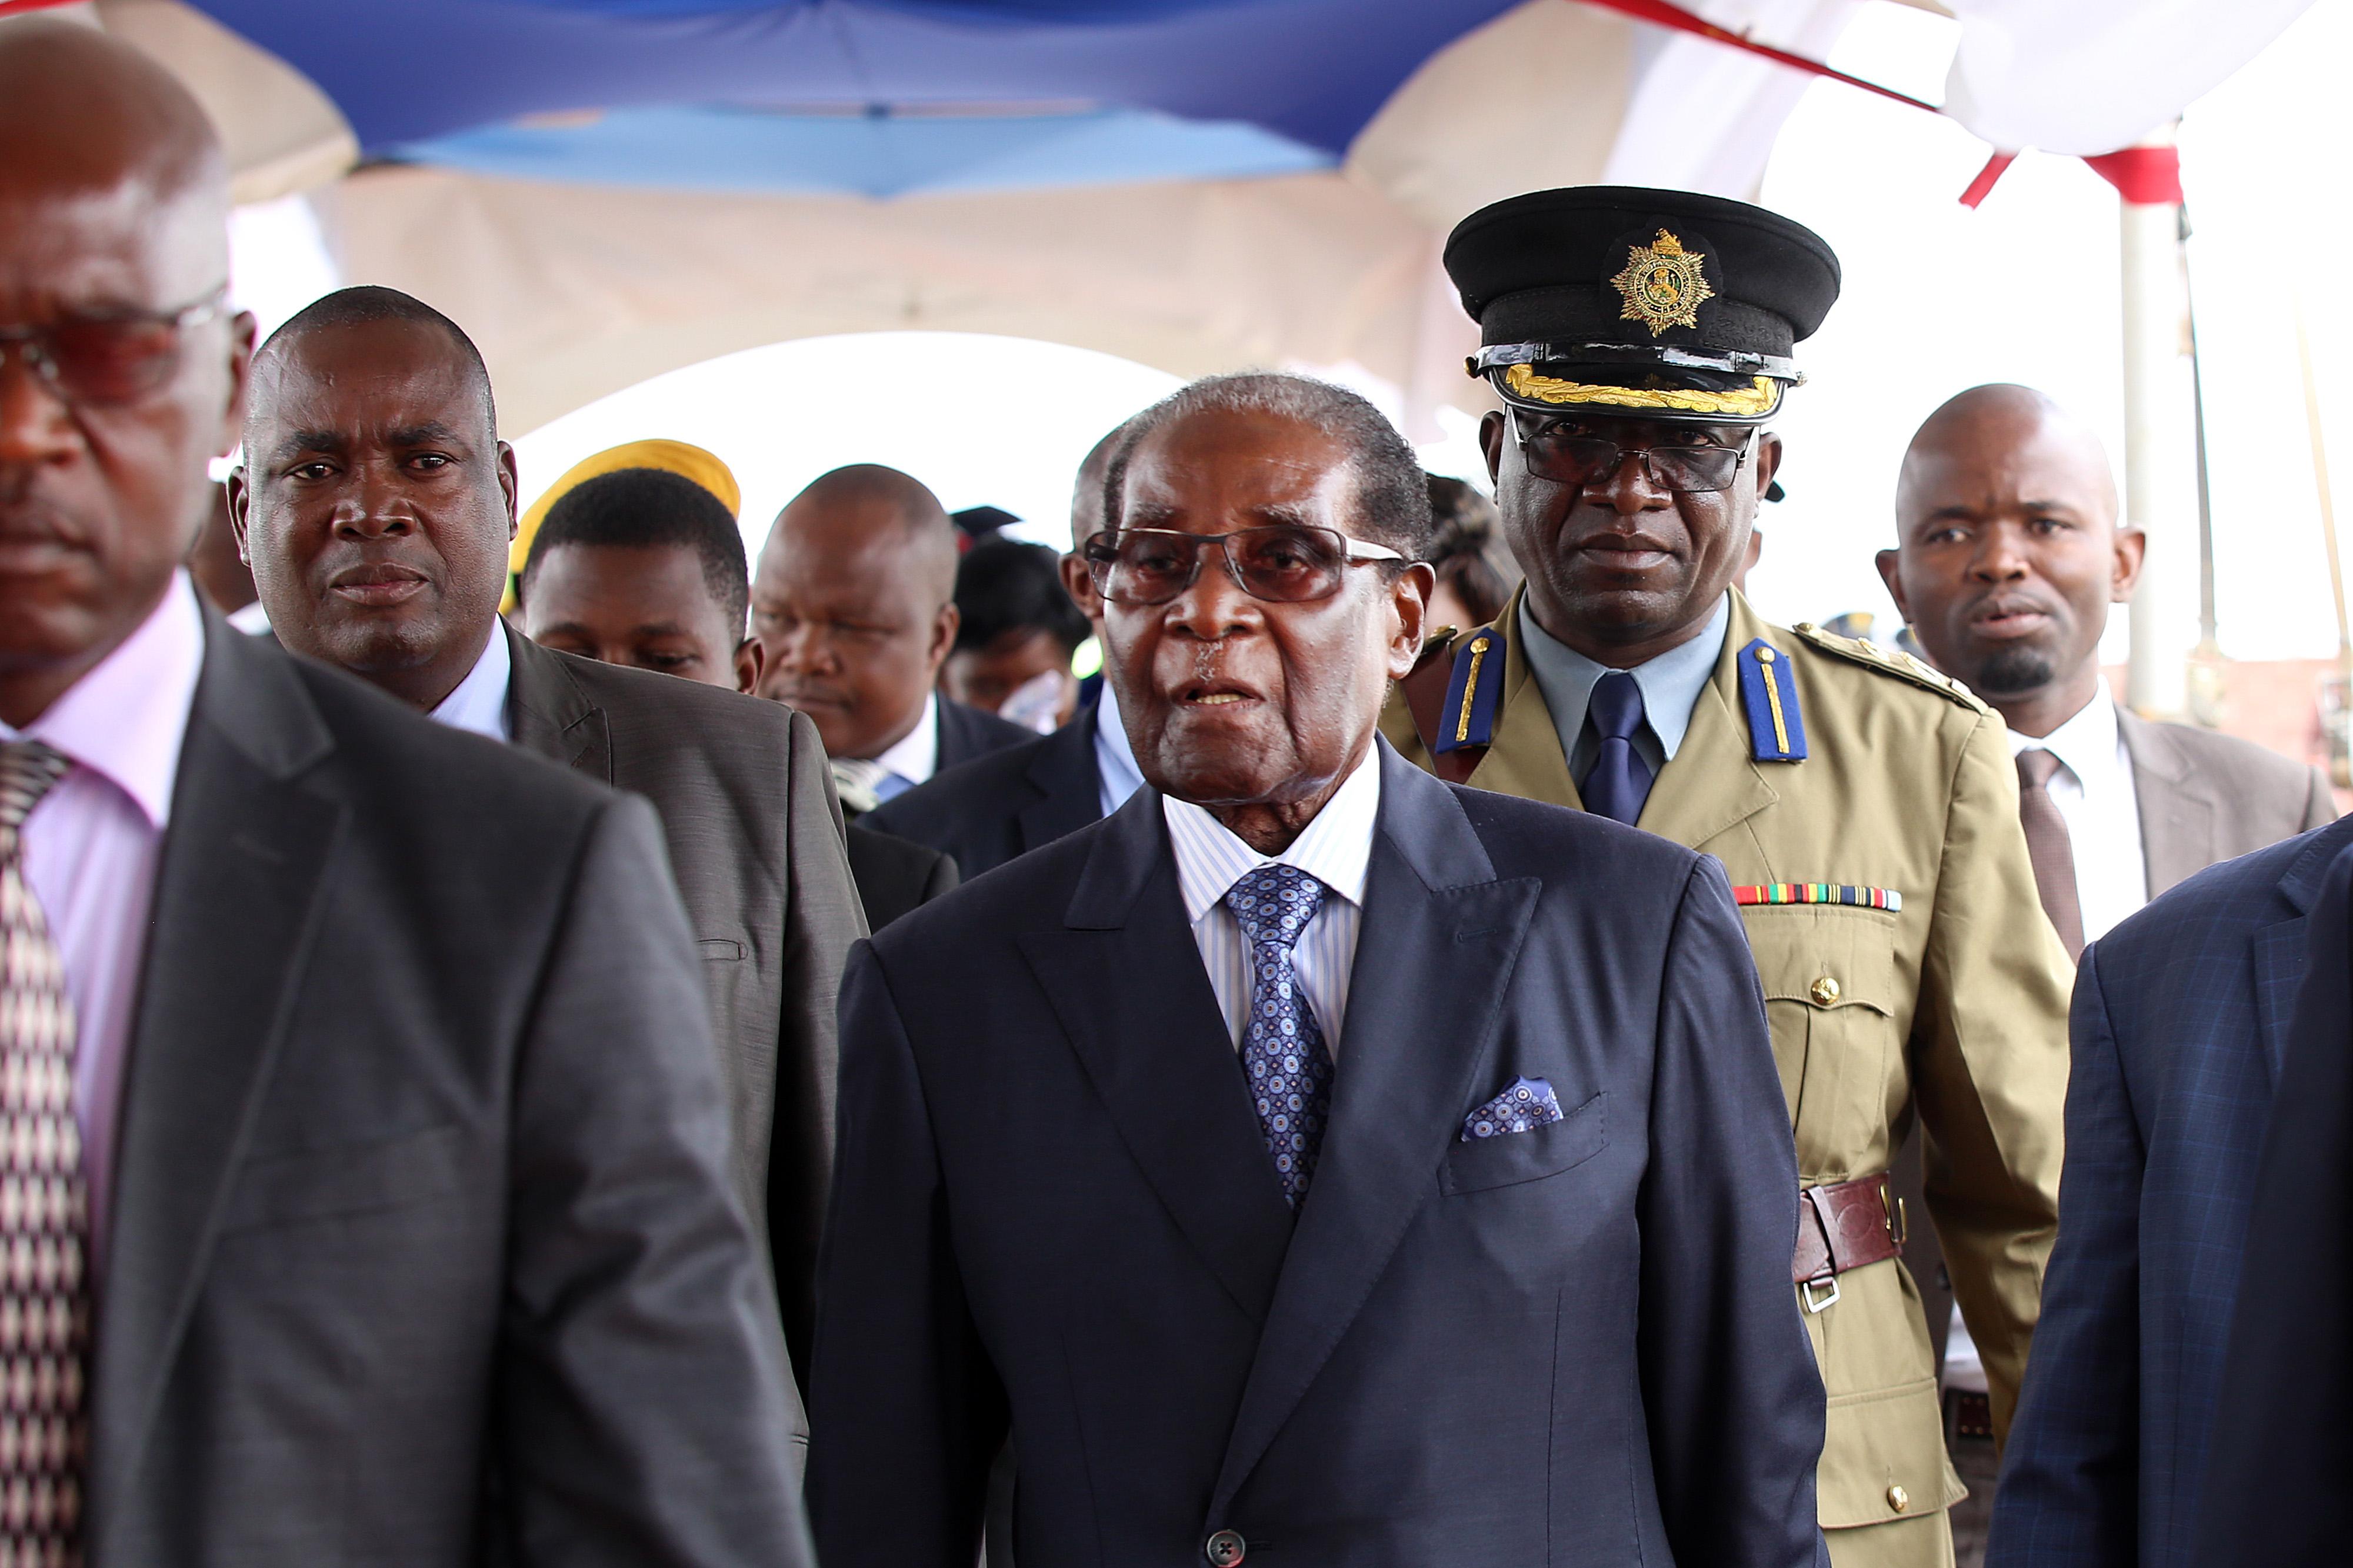 Robert Mugabe, president of Zimbabwe, center, arrives for a student graduation ceremony at Zimbabwe Open University in Harare, Zimbabwe, on Friday, Nov. 17, 2017